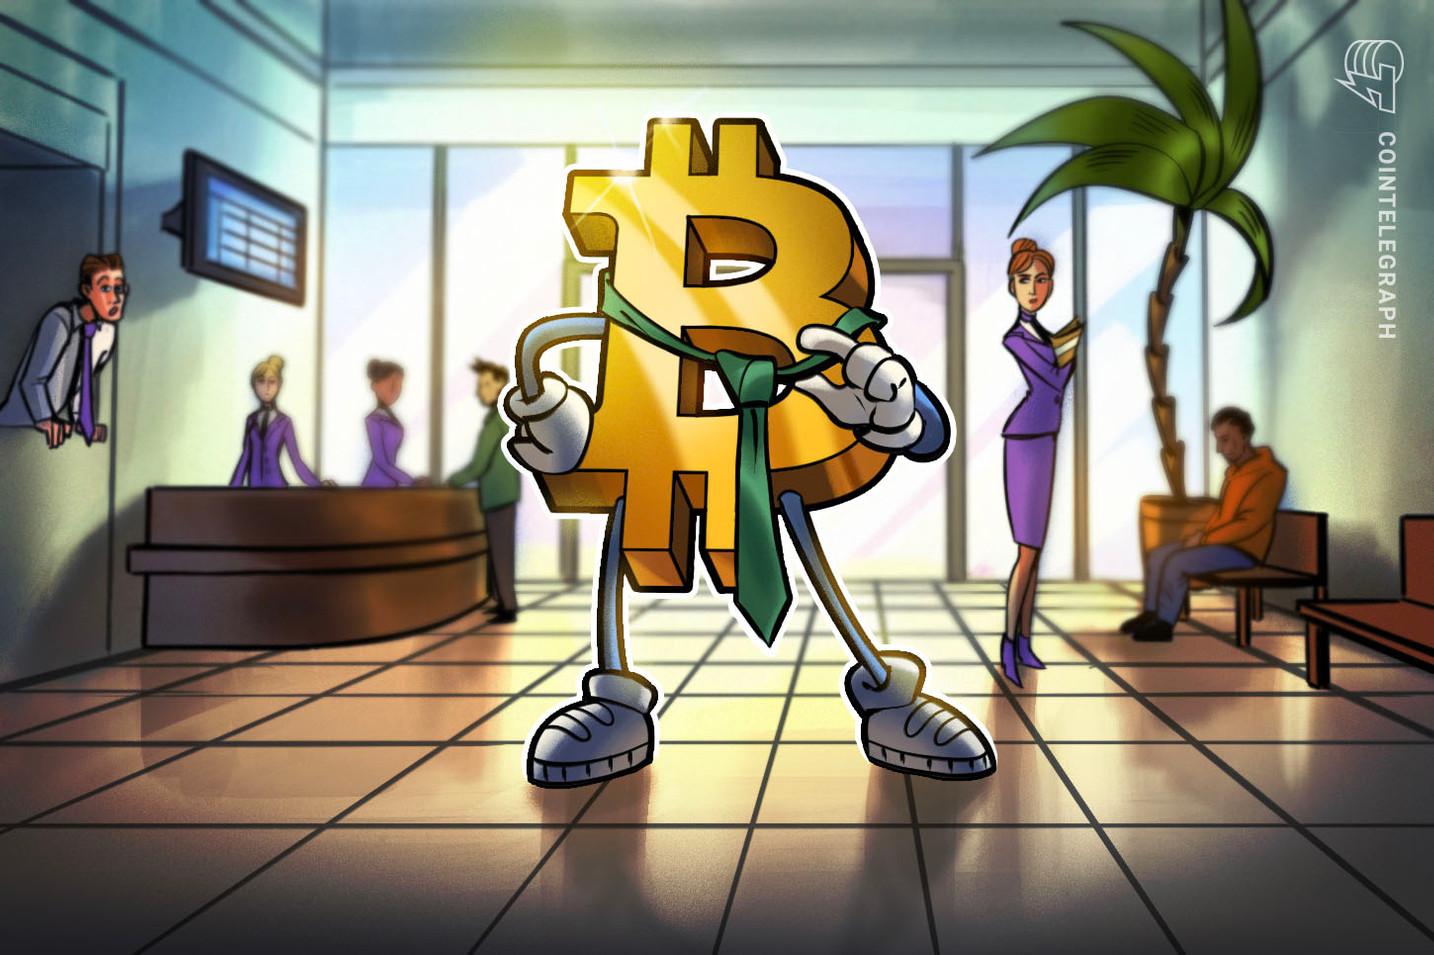 Diar: El volumen de transacciones de Bitcoin muestra signos de un mercado alcista a medida que se invierte la tendencia trimestral